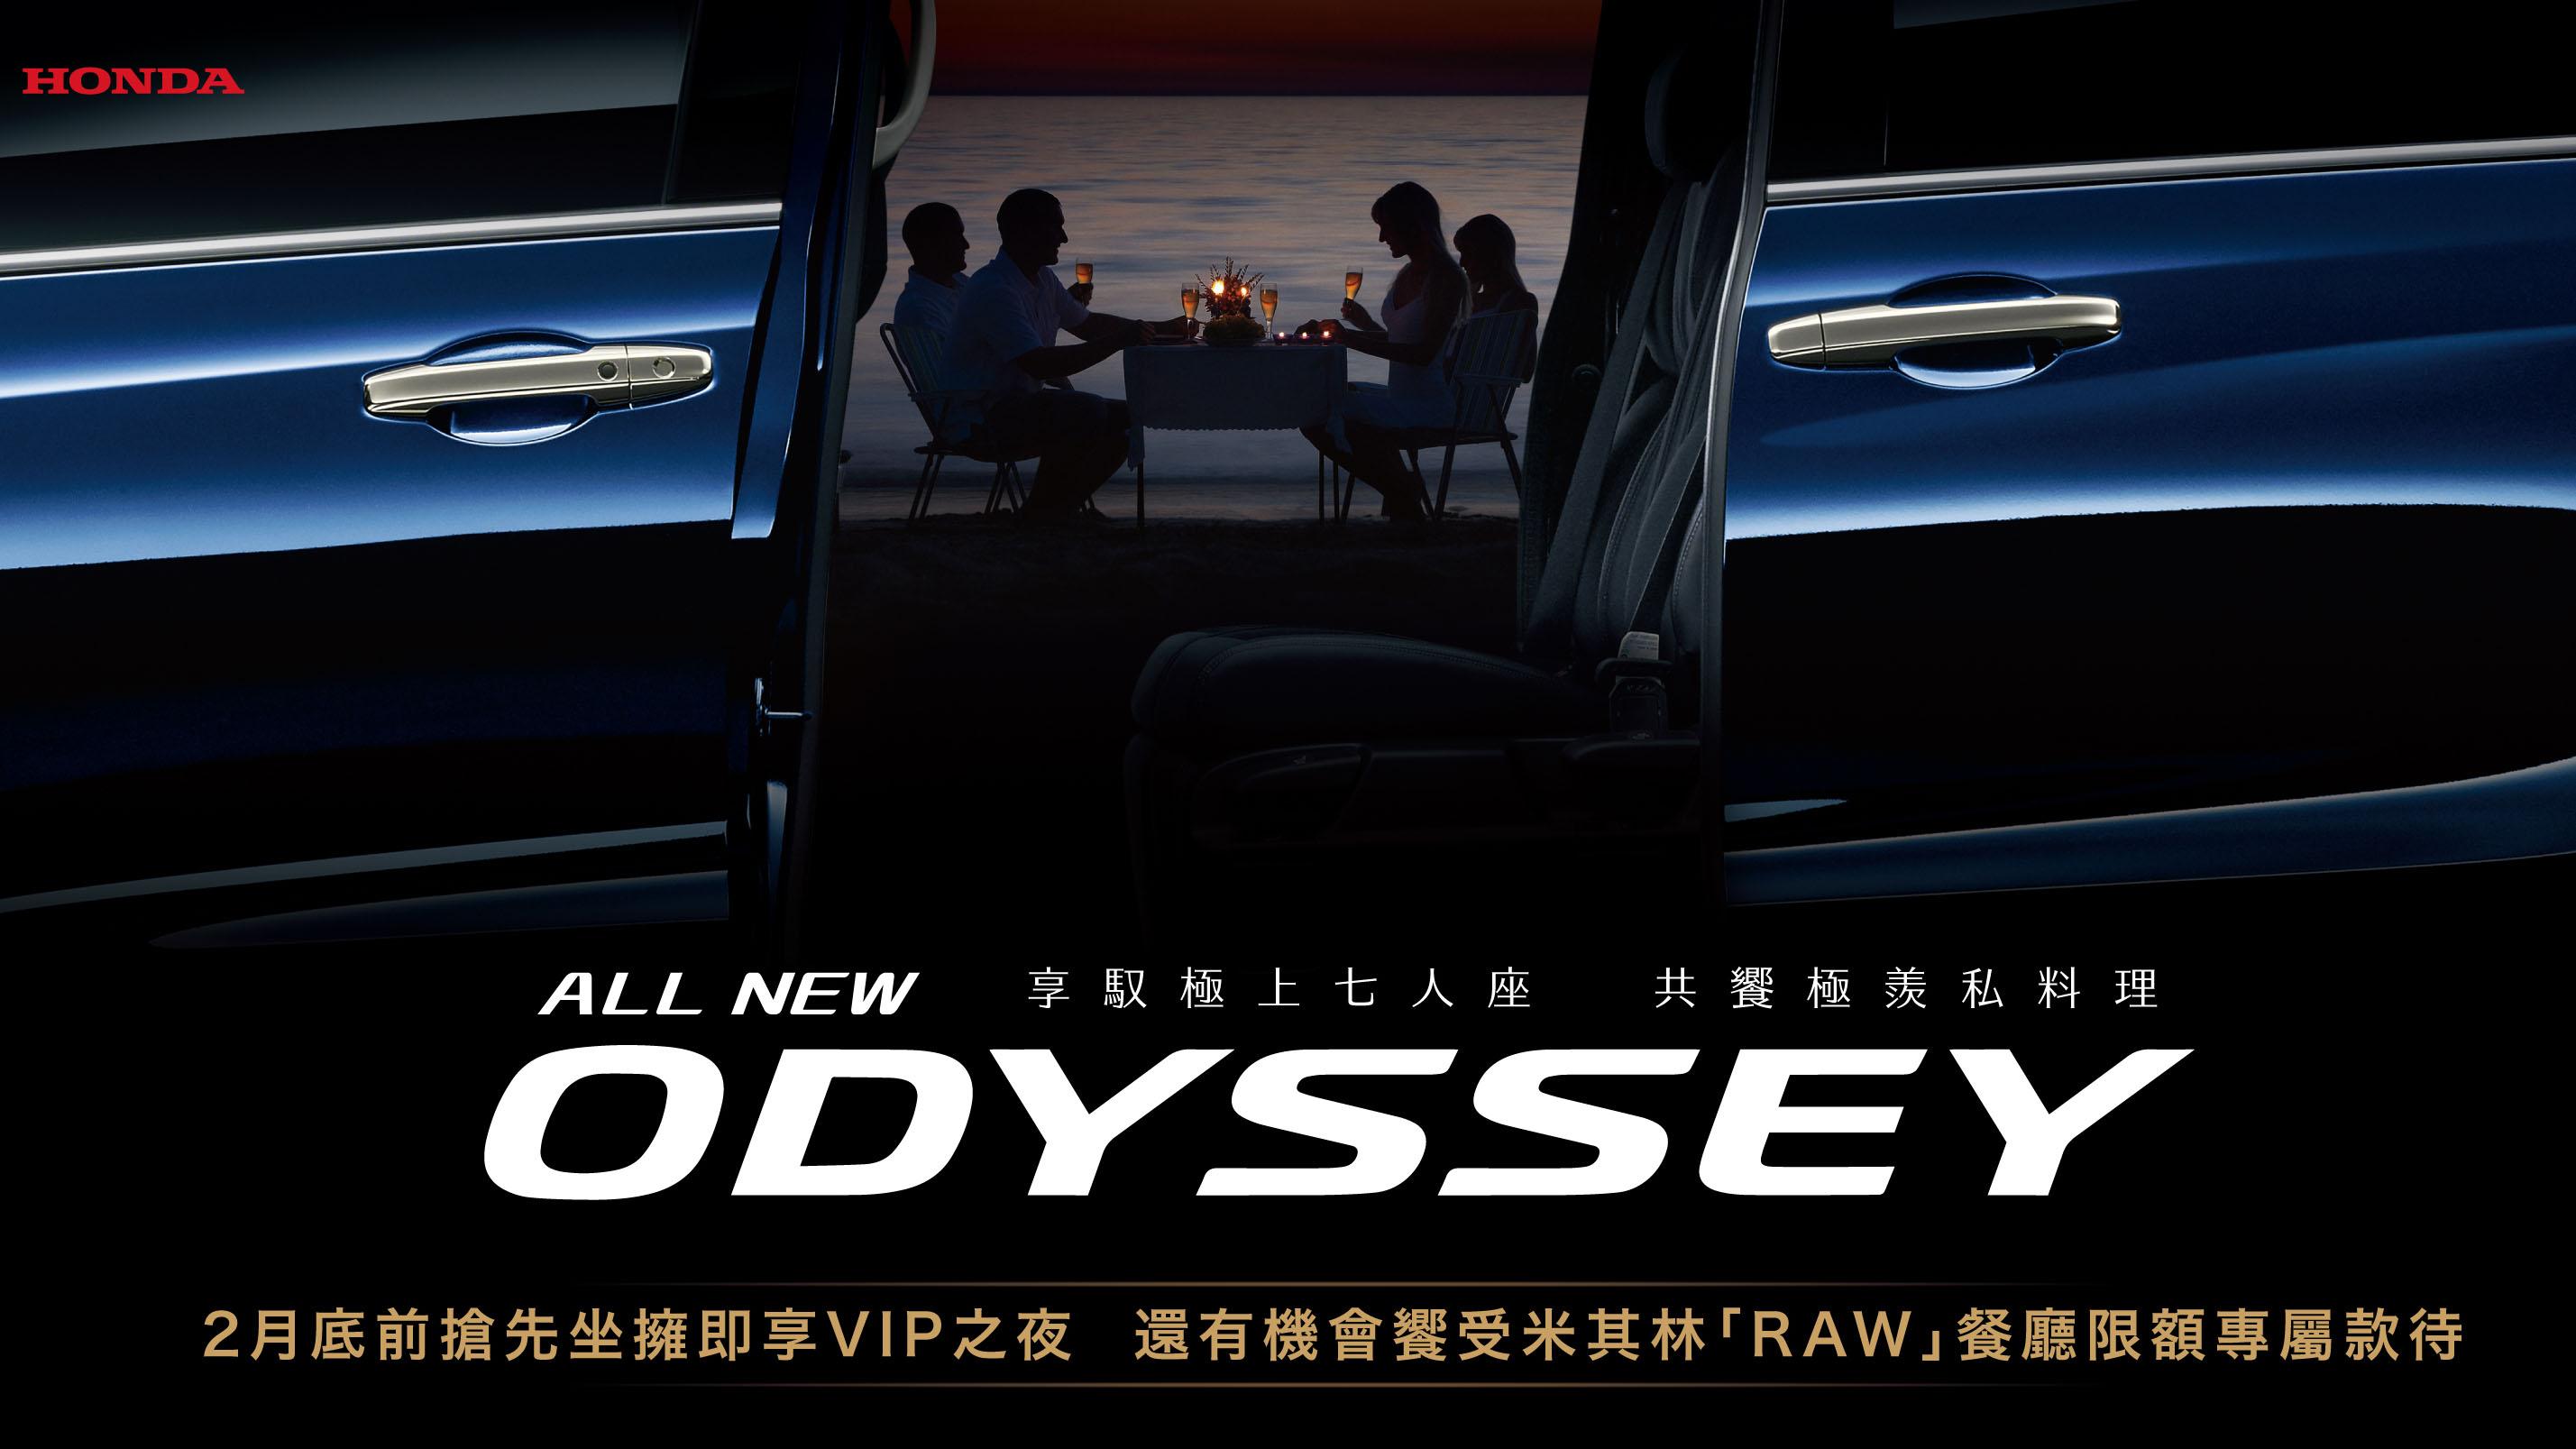 小改款 Honda Odyssey 預售 162.9 萬起 入主就抽 RAW 米其林大餐